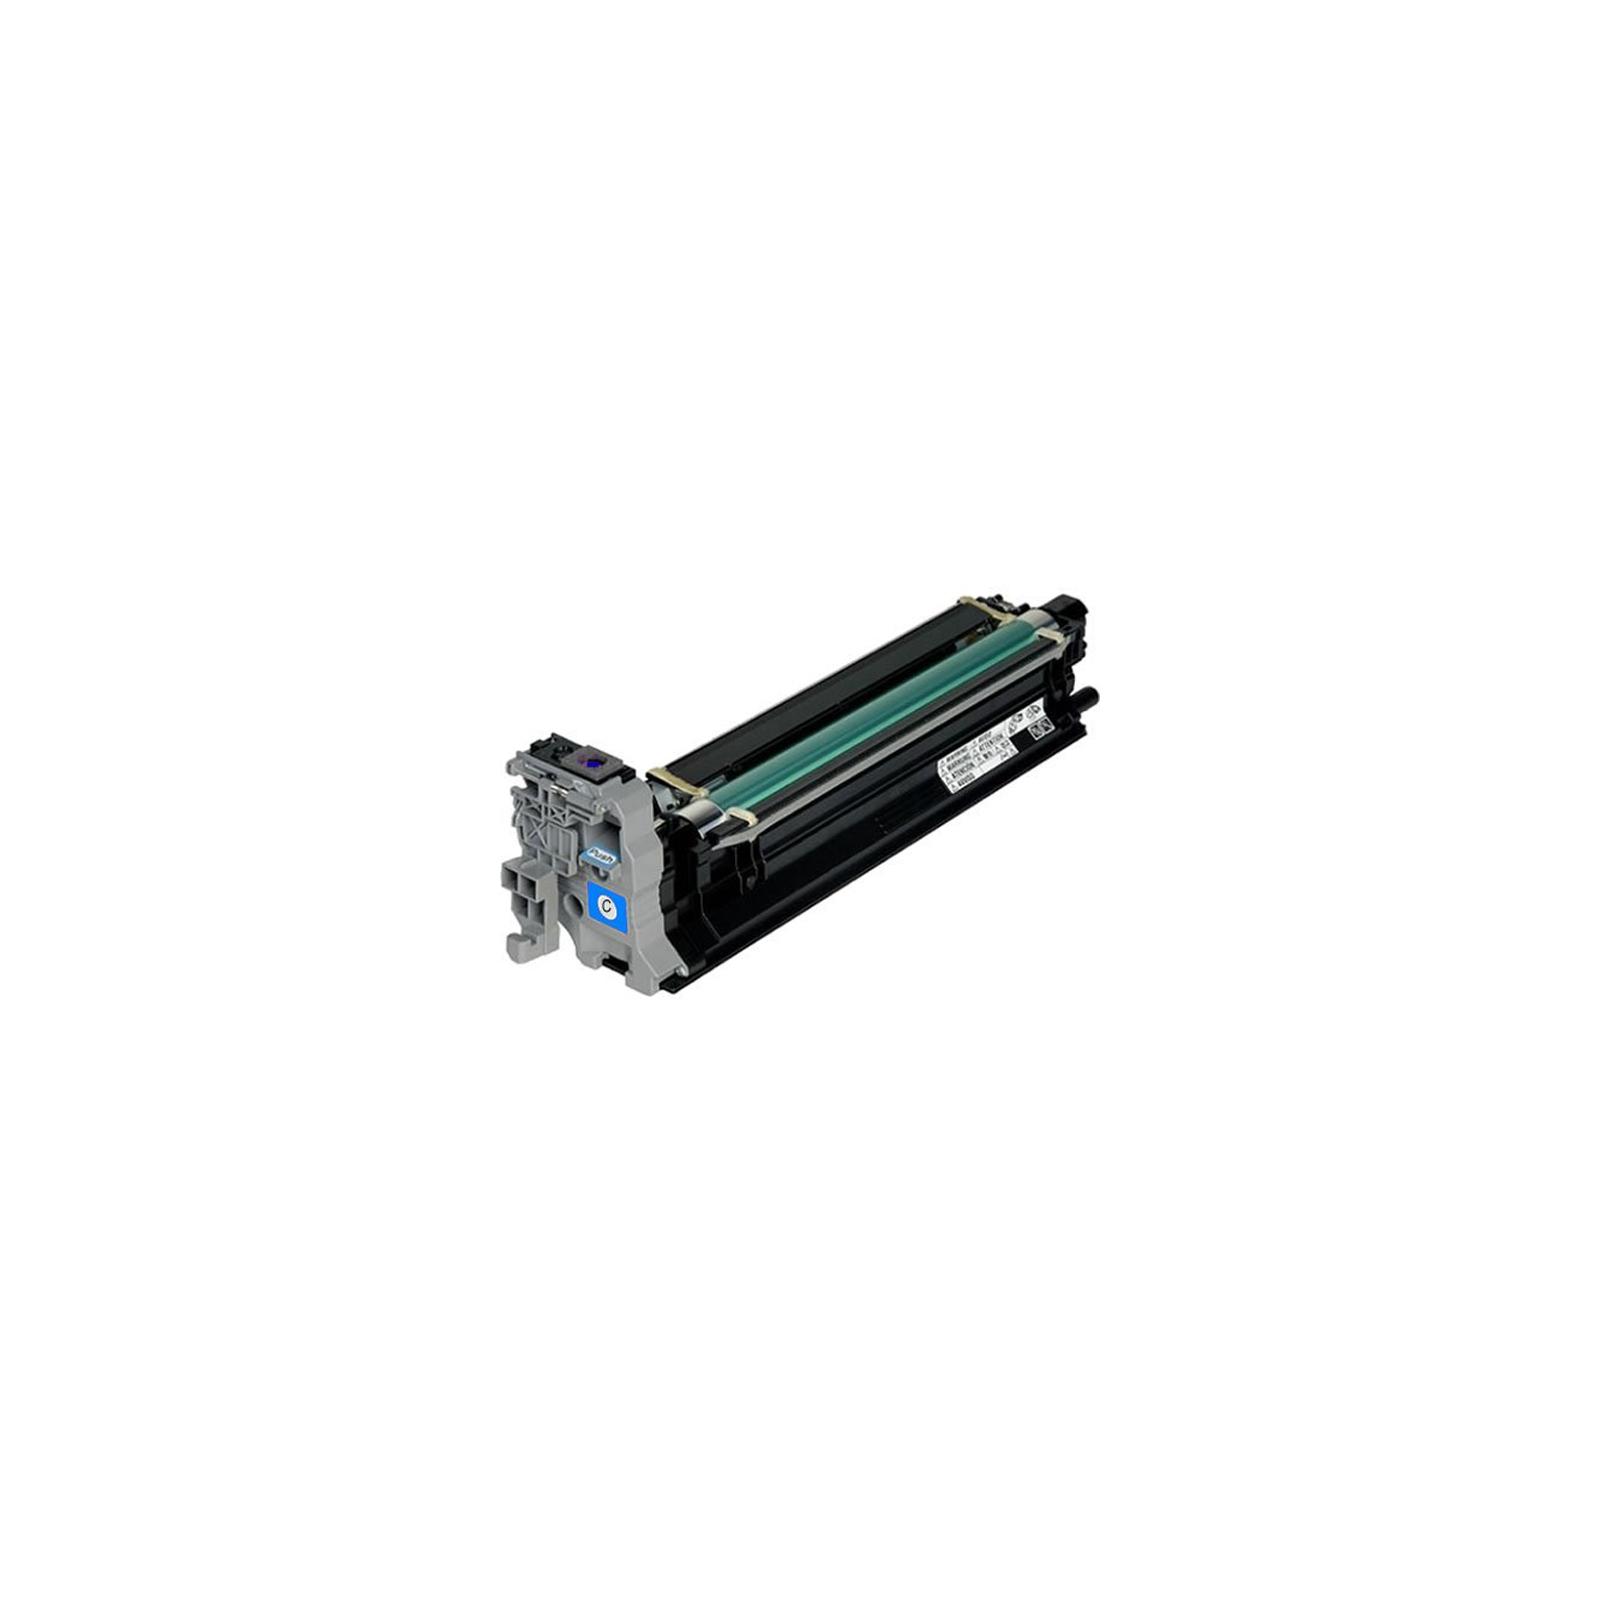 Модуль формирования изображения KONICA MINOLTA MC46x/55x print unit Cyan (30K) (A0310GH) изображение 2